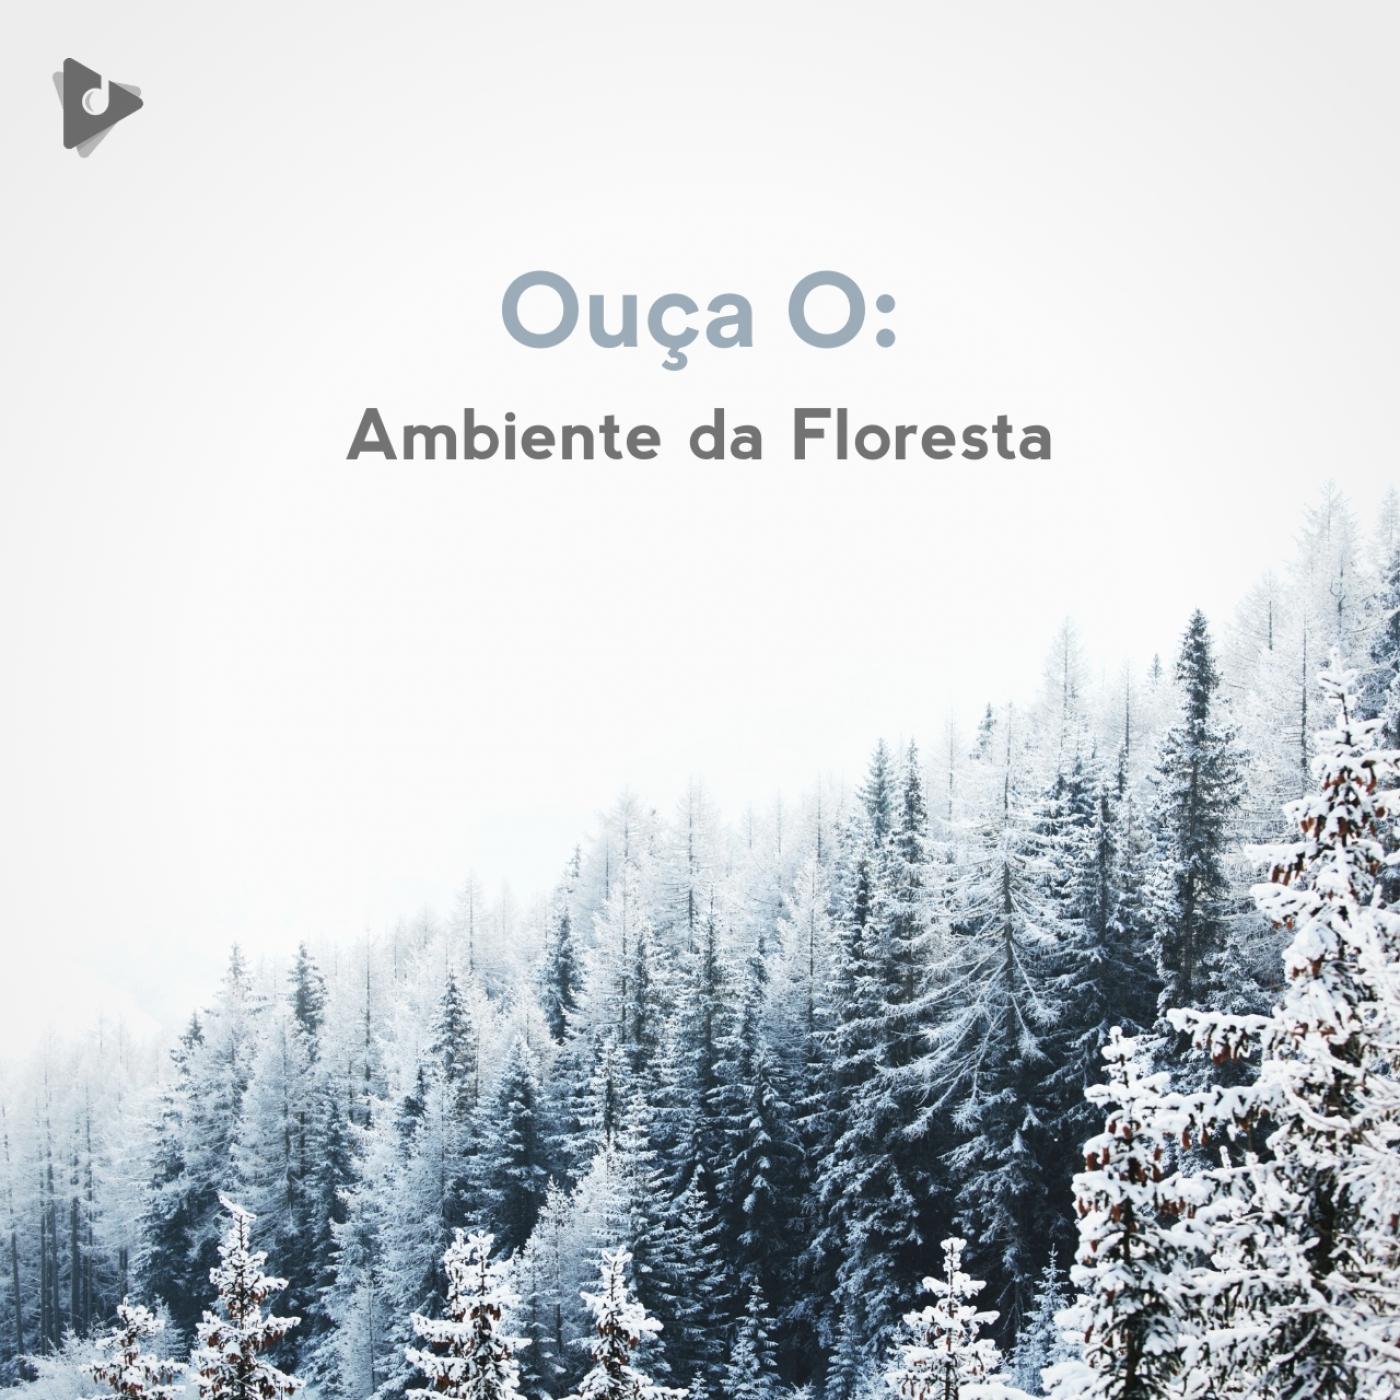 Ouça O: Ambiente da Floresta